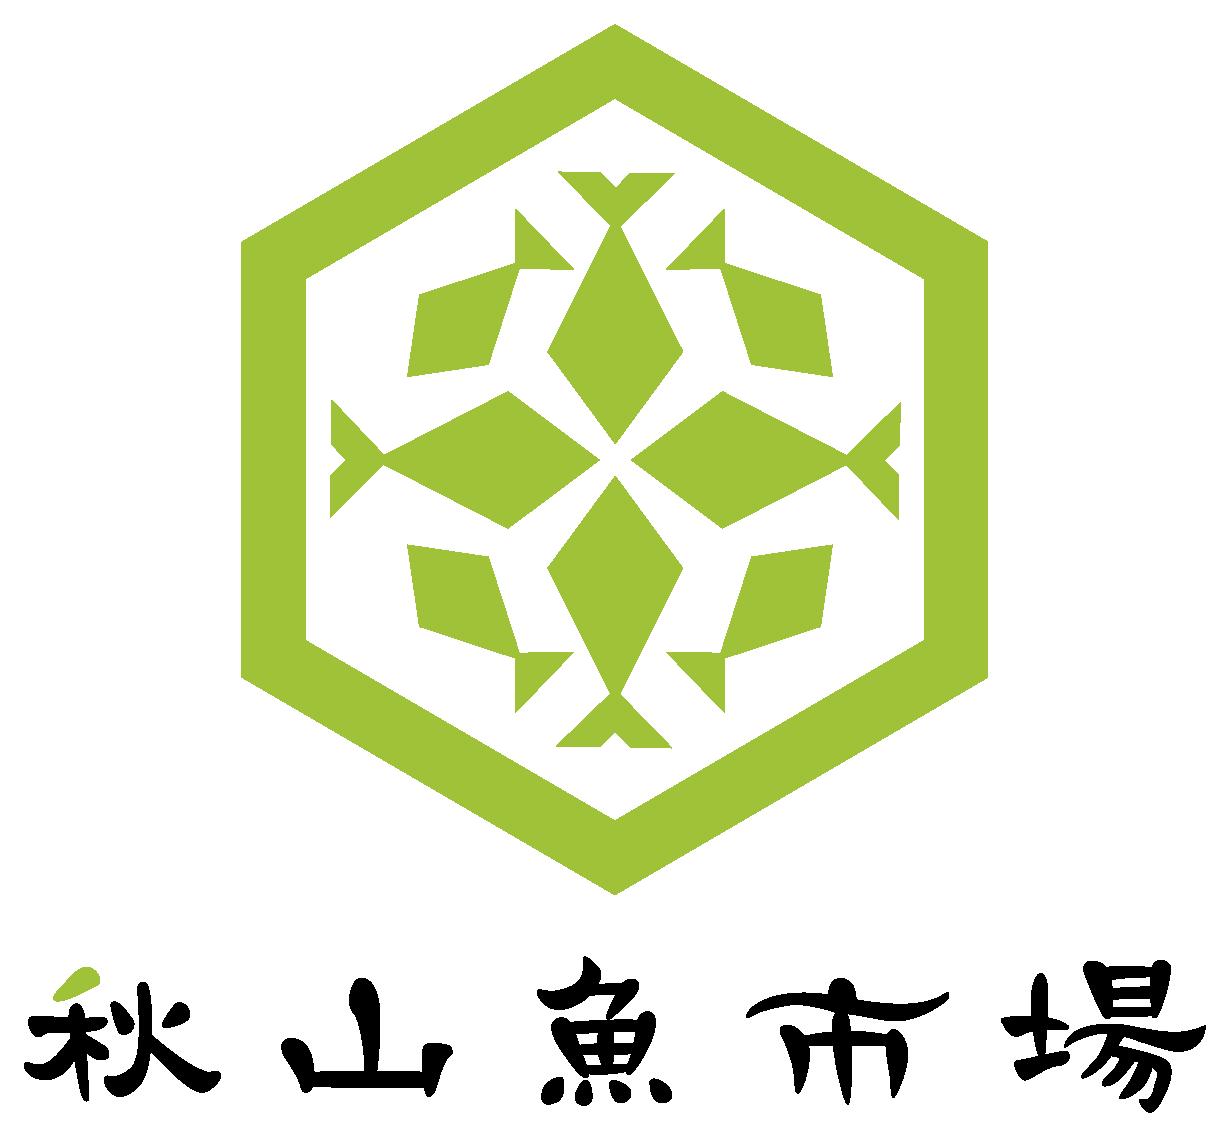 商社/卸売業と和風/筆タッチと緑のロゴ